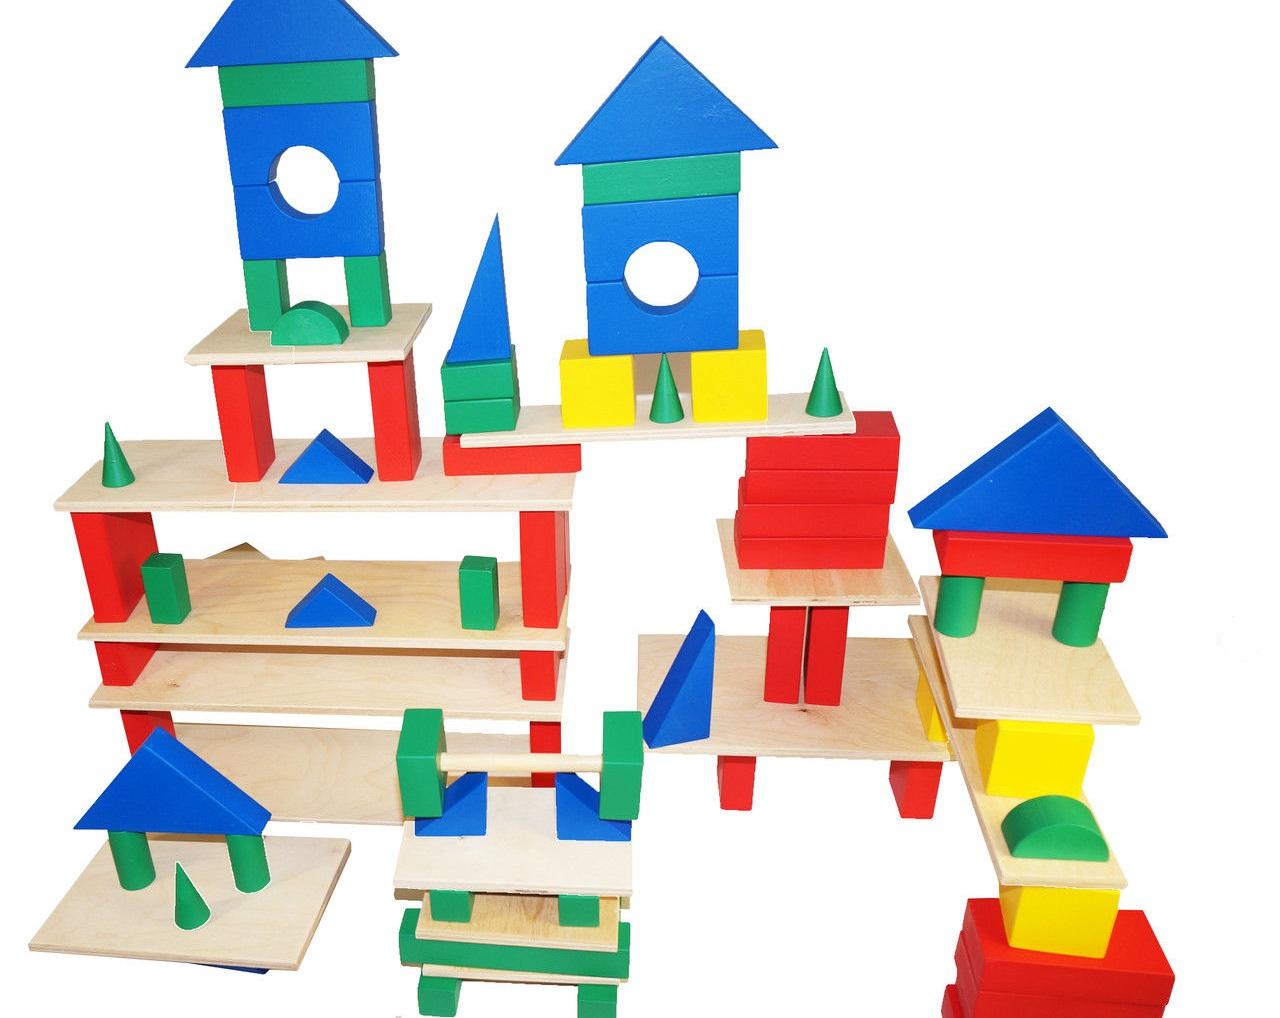 Конструктор Агаповой (по программе Крыловой Н.М. Дом радости) - 95 элементов, набор строительный 95 элементов